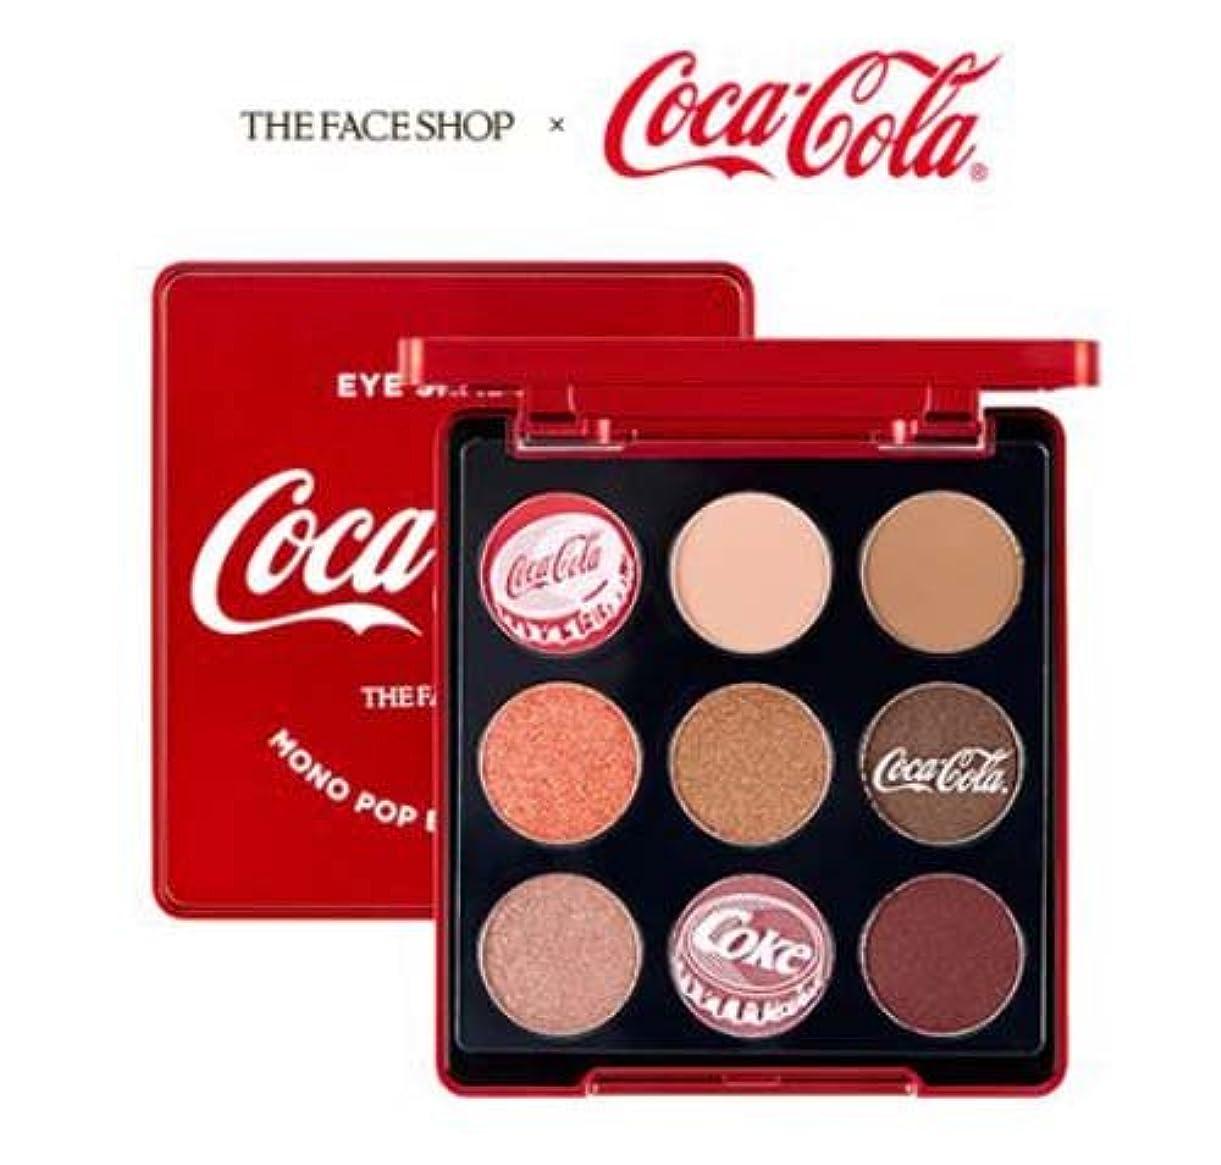 ジョイント絶滅した省略する[ザ?フェイスショップ] THE FACE SHOP [モノ ポップ アイズ シャドーパレット(9色) - コカ?コーラ限定版] (Mono Pop Eyes - Coca Cola Edition) [海外直送品]